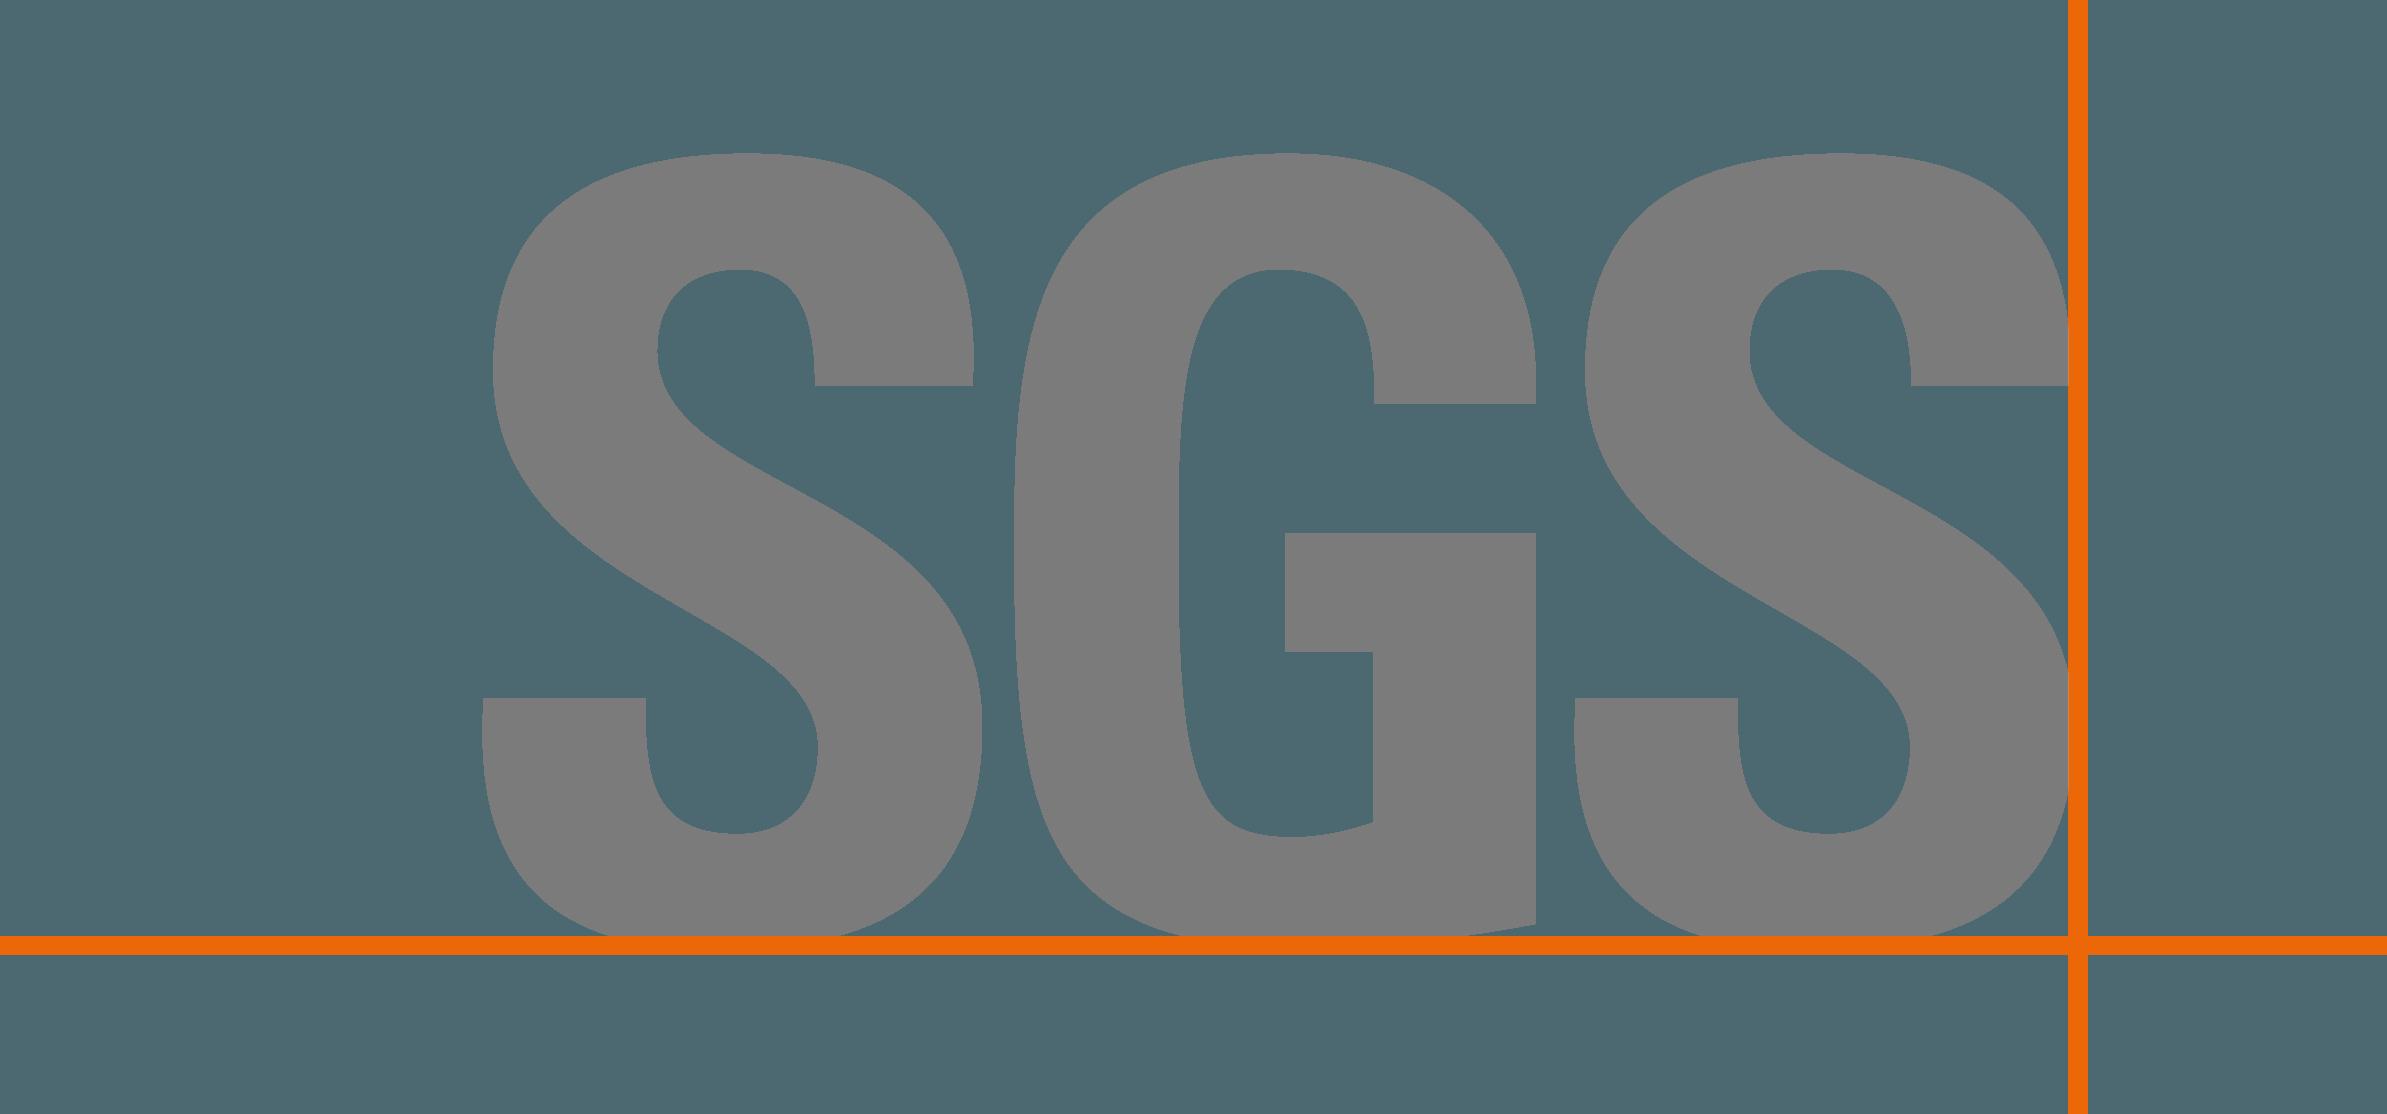 SGS (Société Générale de Surveillance) Logo [sgs.com] png